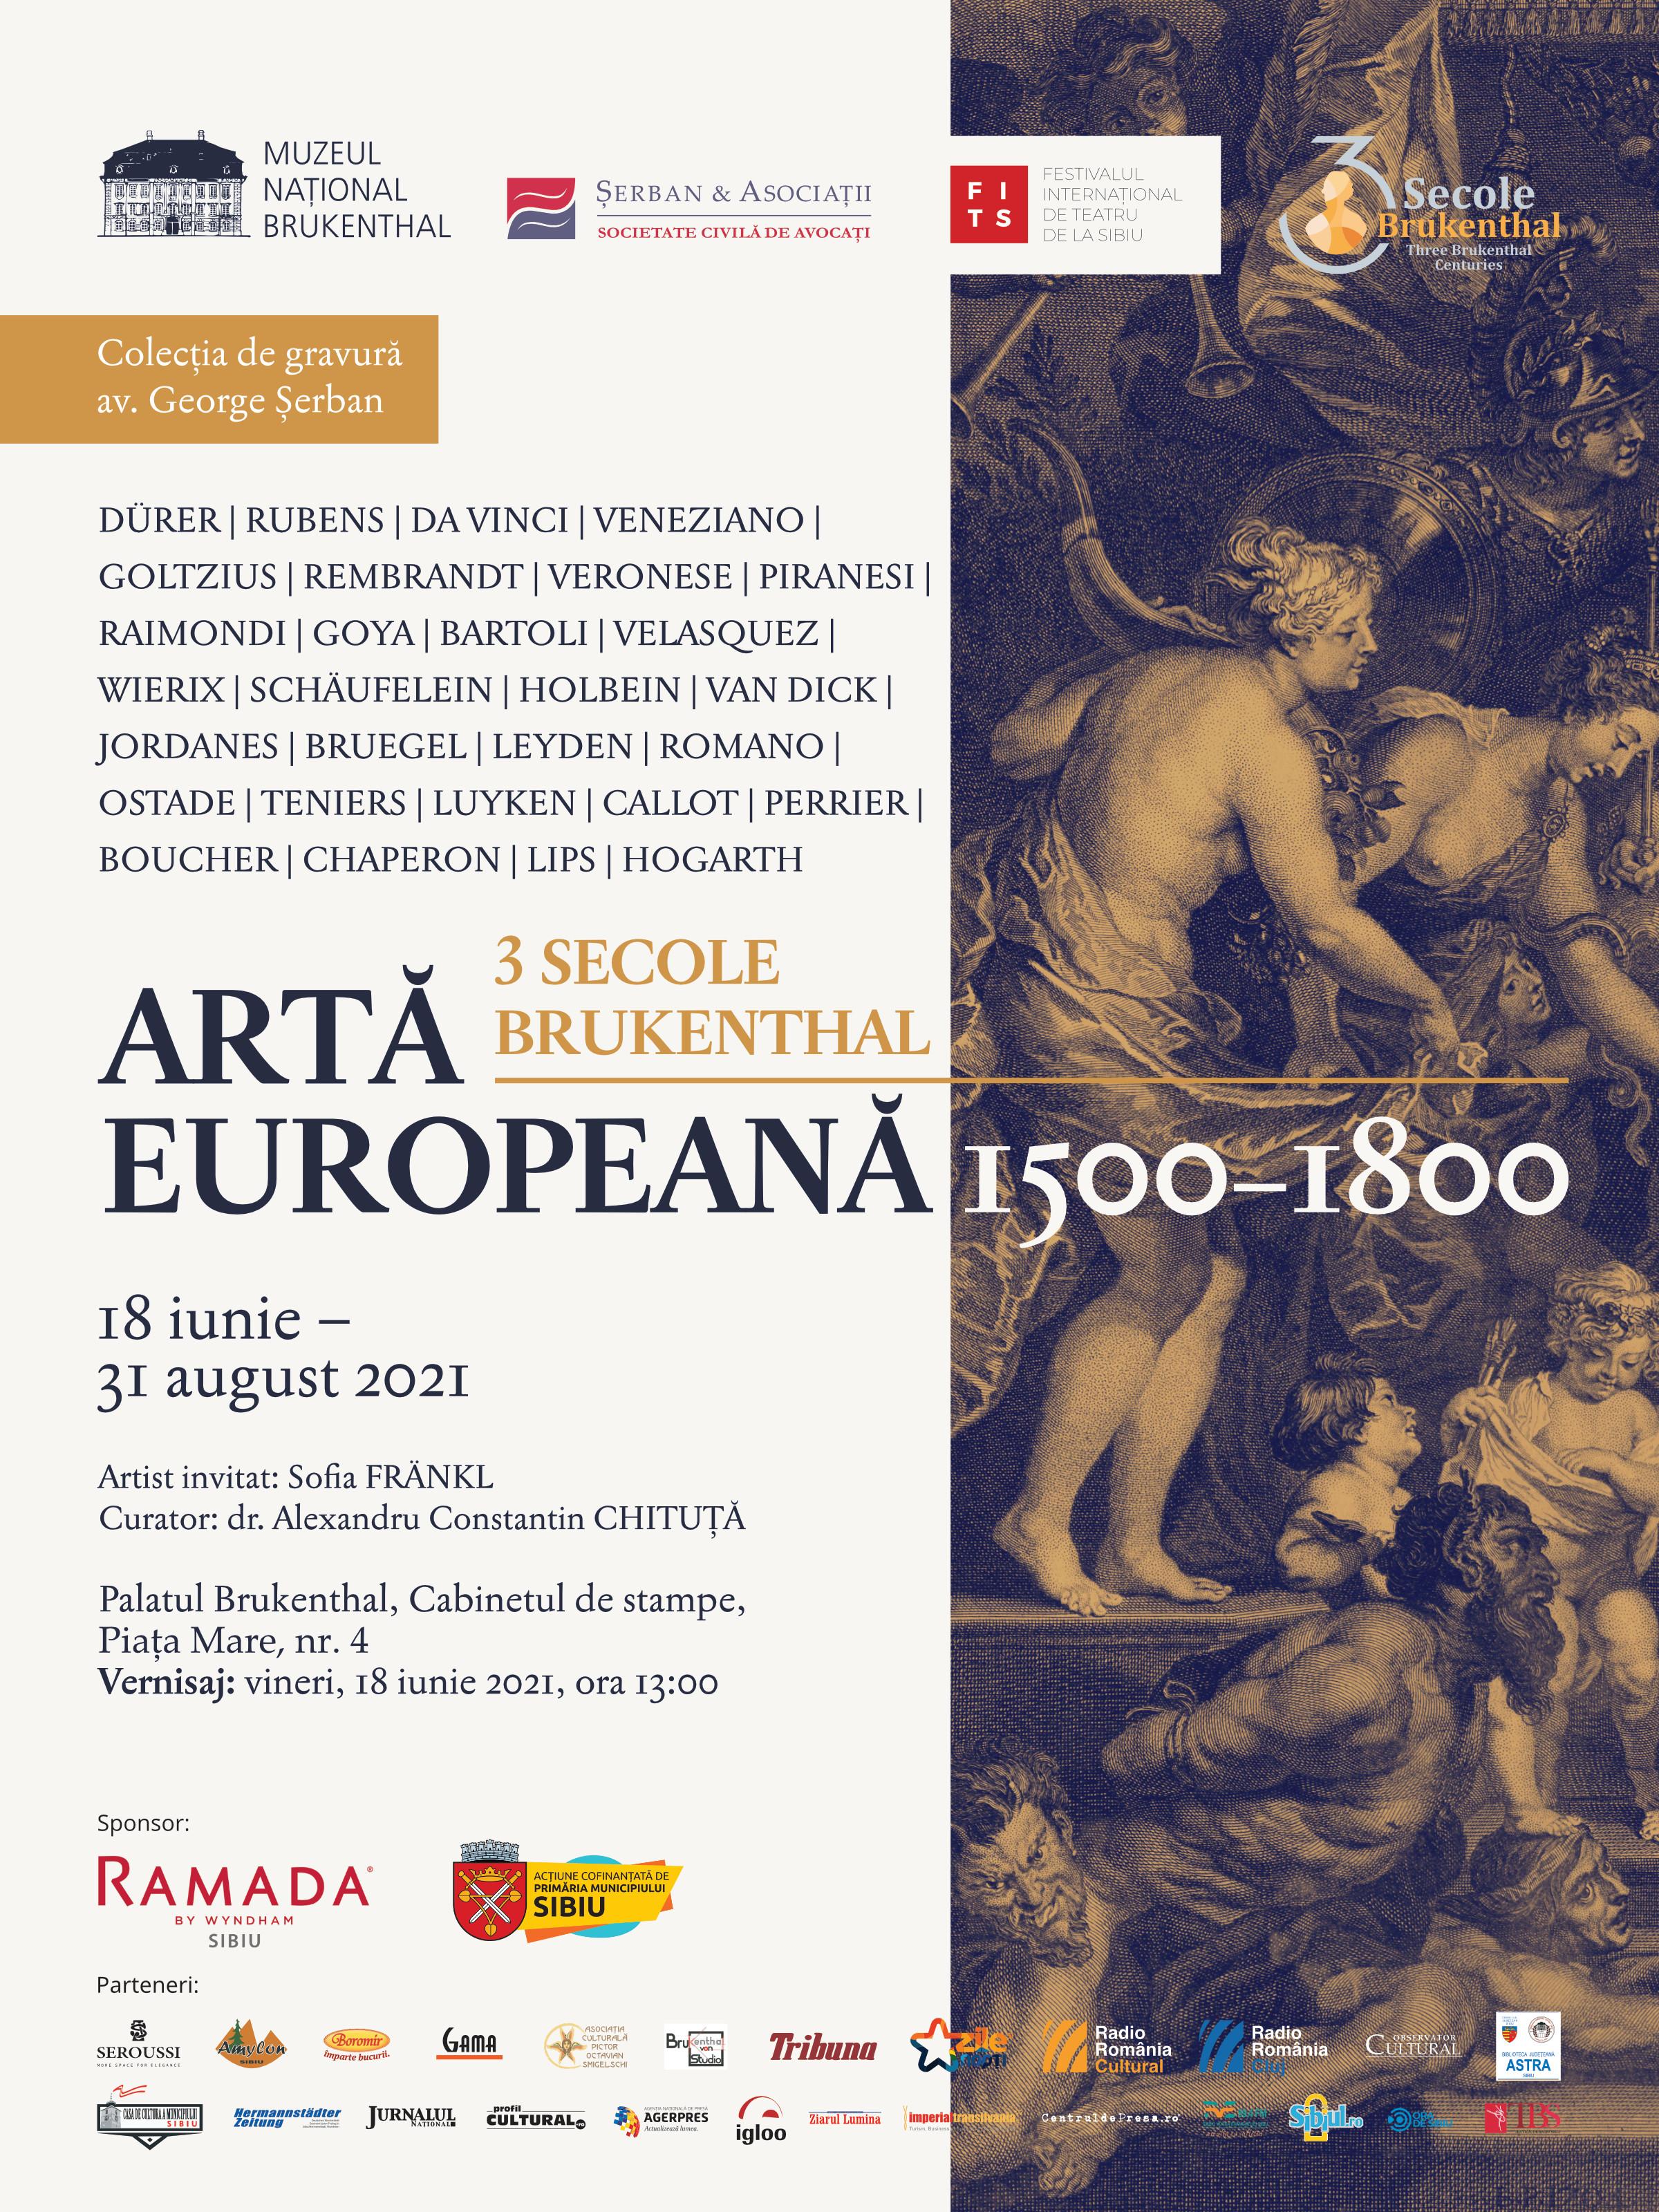 Premieră națională: cea mai importantă expoziție de gravură europeană poate fi vizitată la Muzeul Național Brukenthal